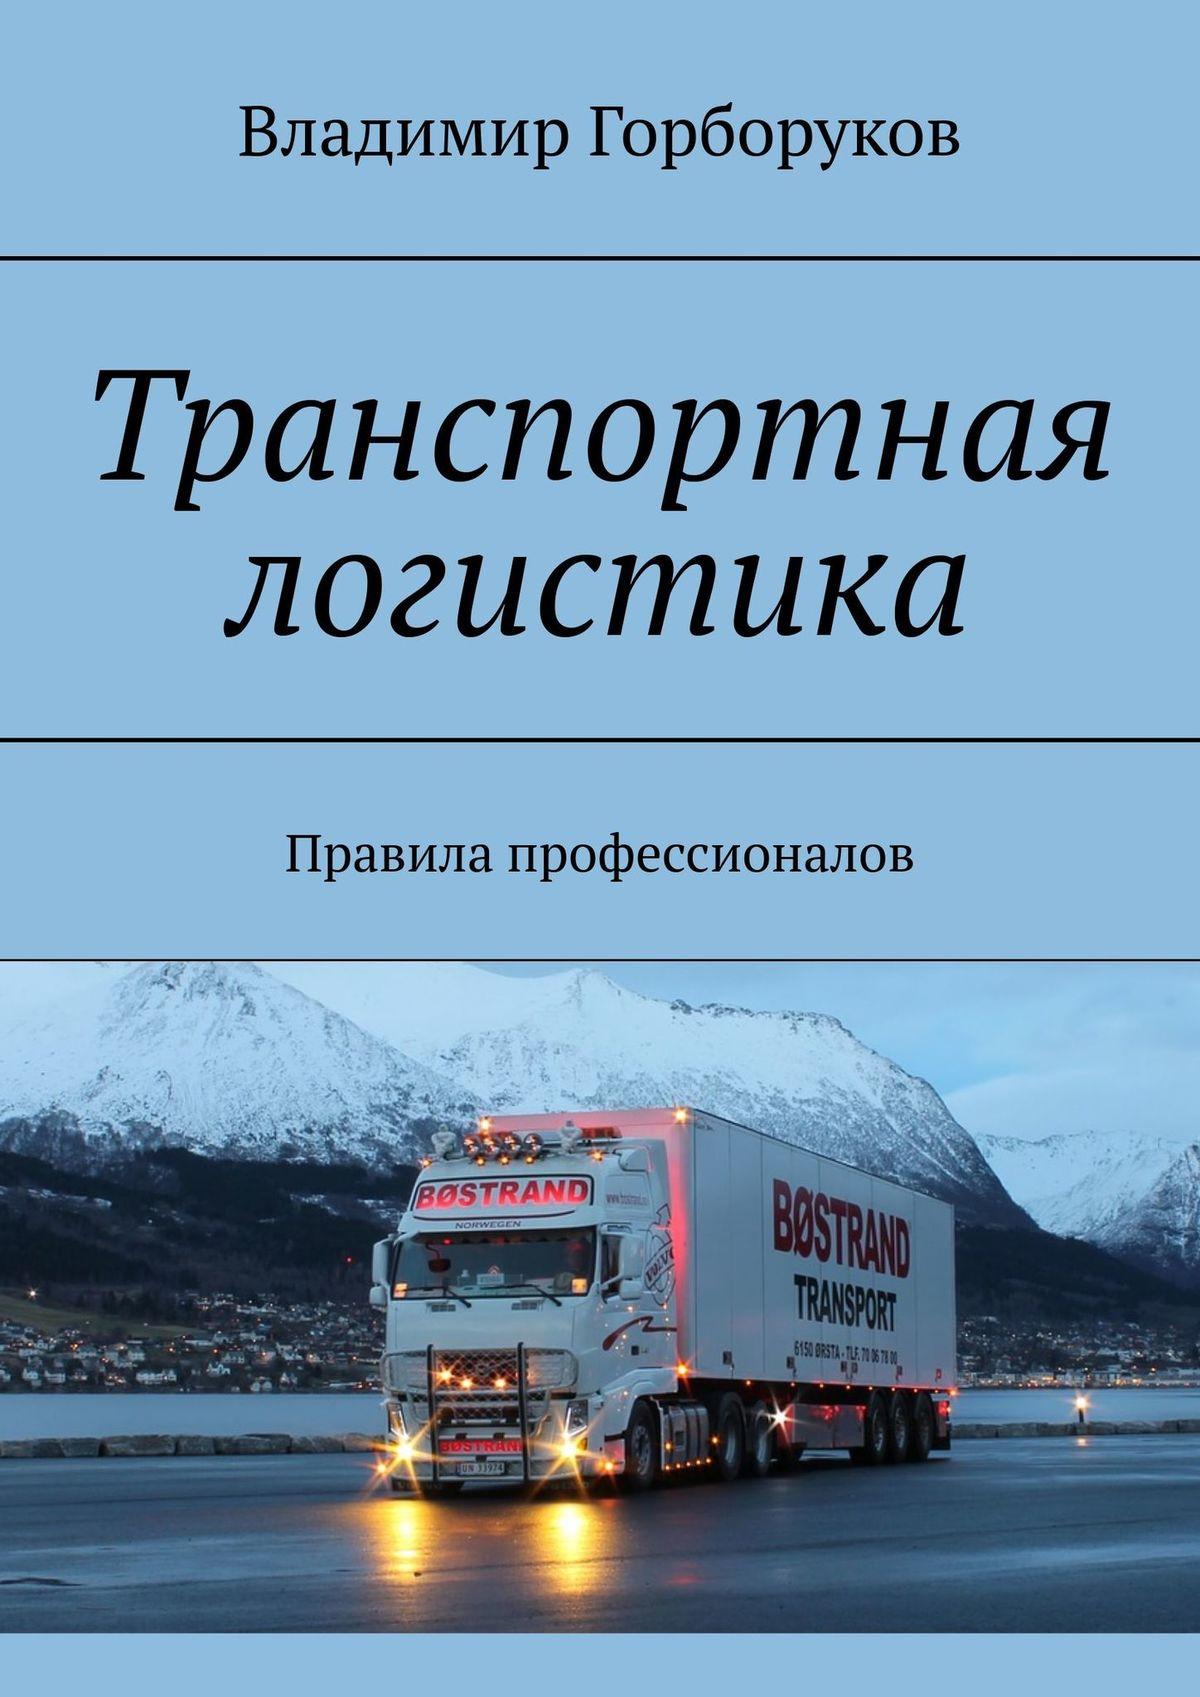 Решение задач по транспортной логистике онлайн задачи по банковским операциям с решением